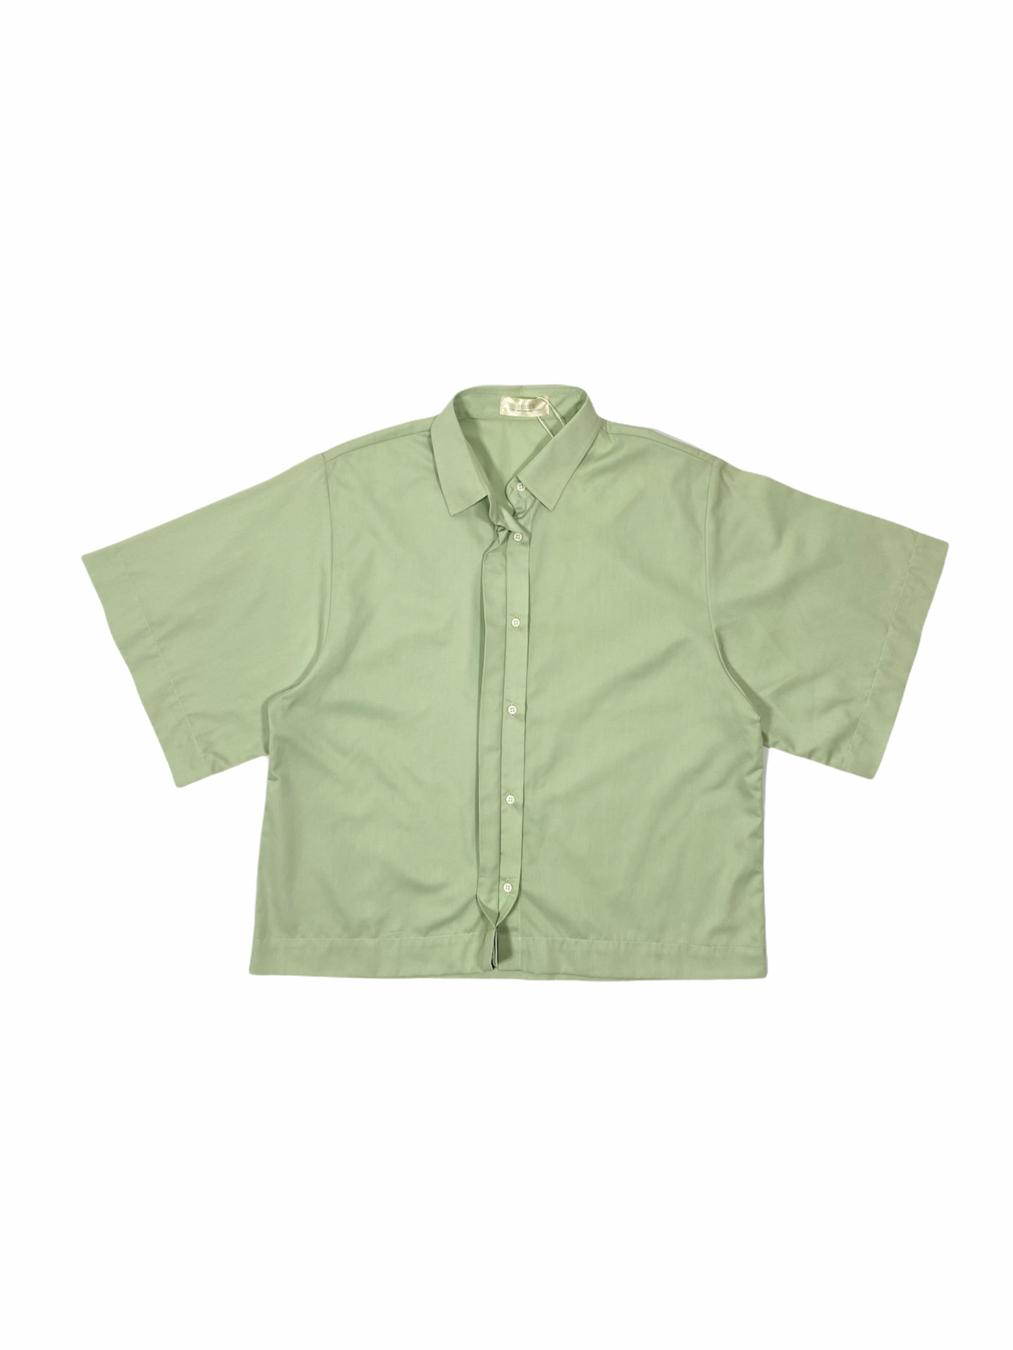 Ease Shirt (Mint)